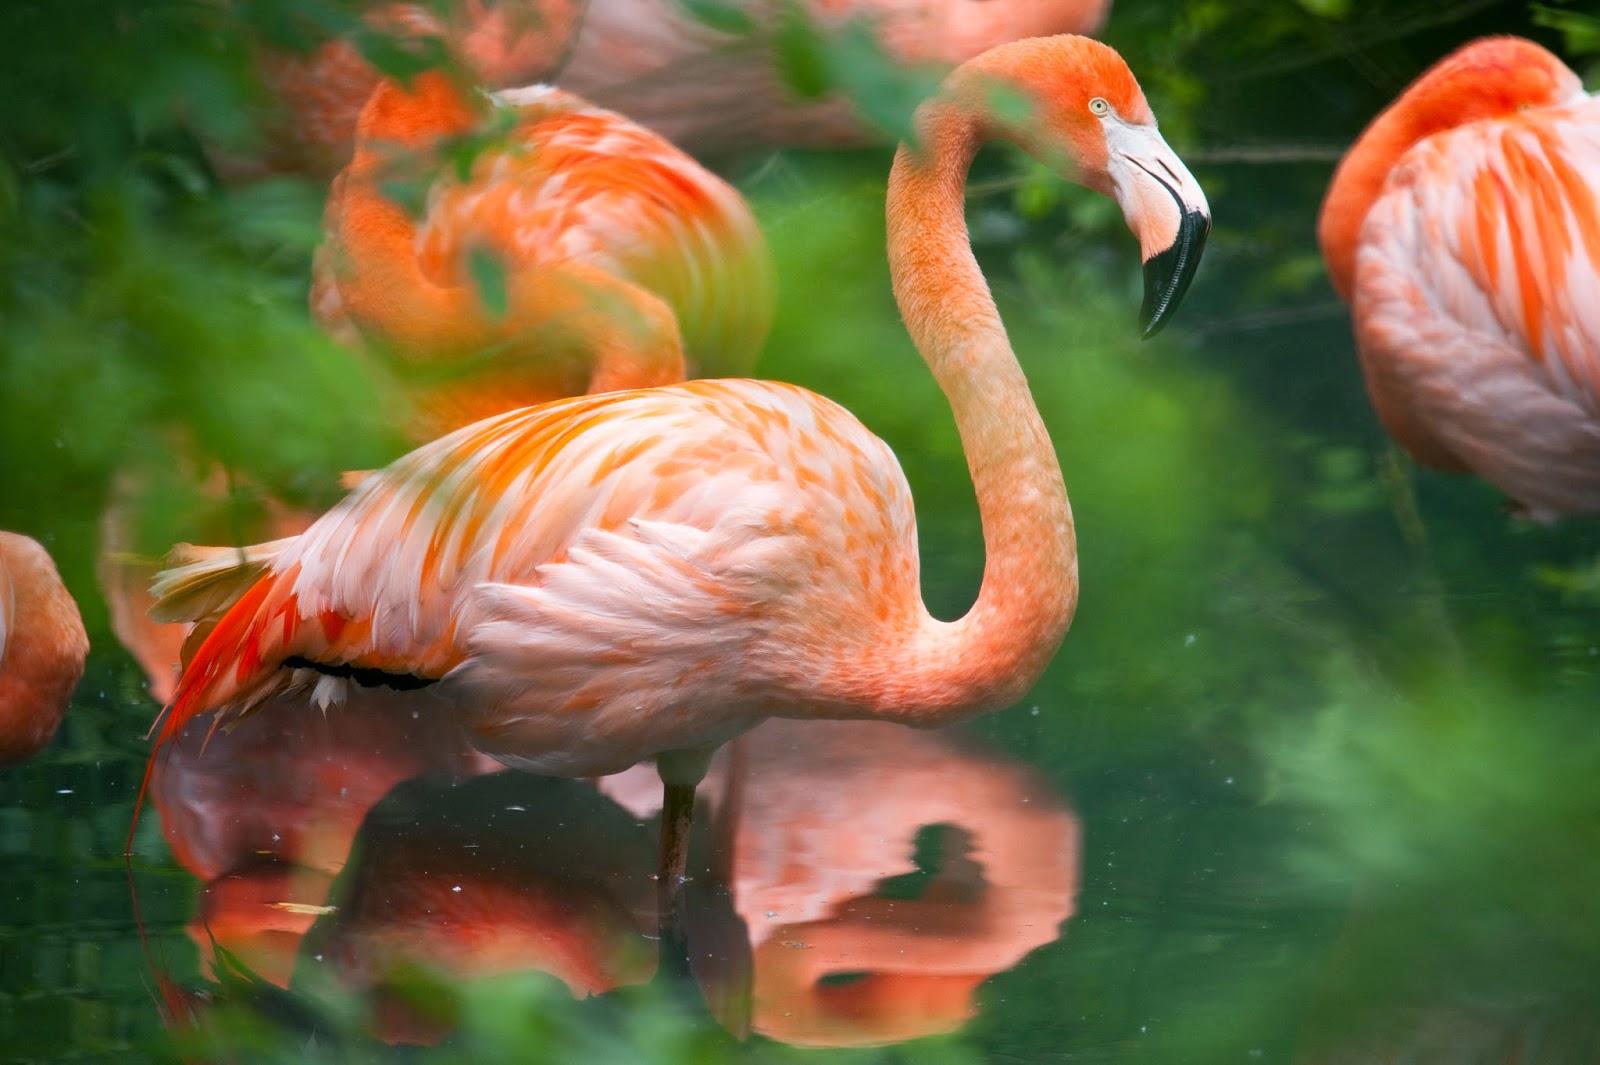 Animal world flamingo rosa for Immagini di pesci da stampare